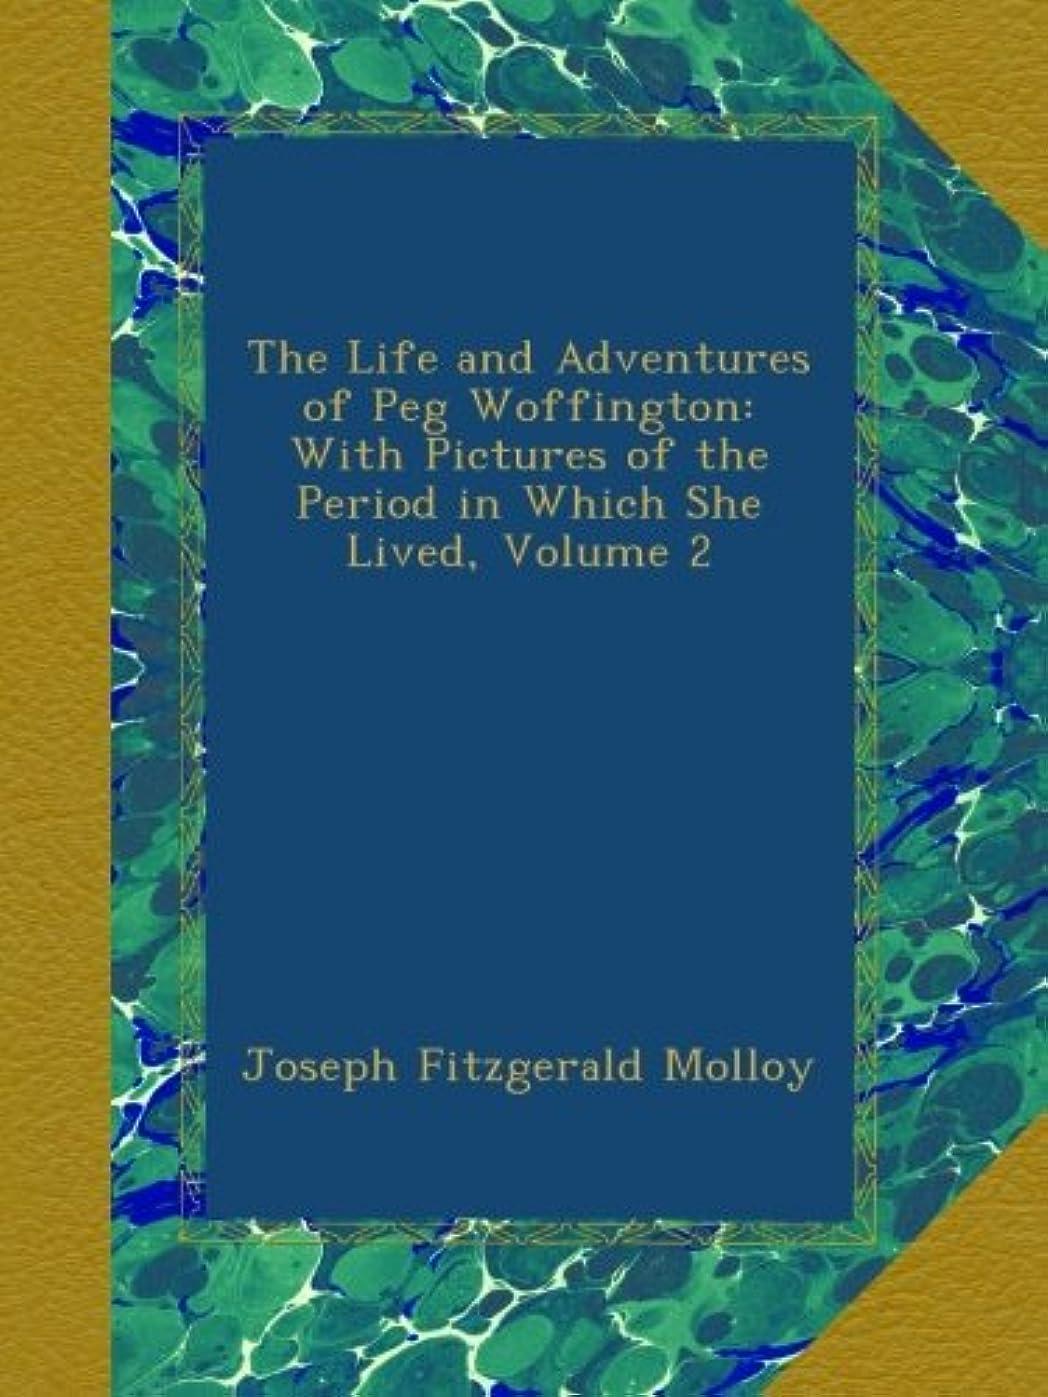 鍔バレル想像力The Life and Adventures of Peg Woffington: With Pictures of the Period in Which She Lived, Volume 2